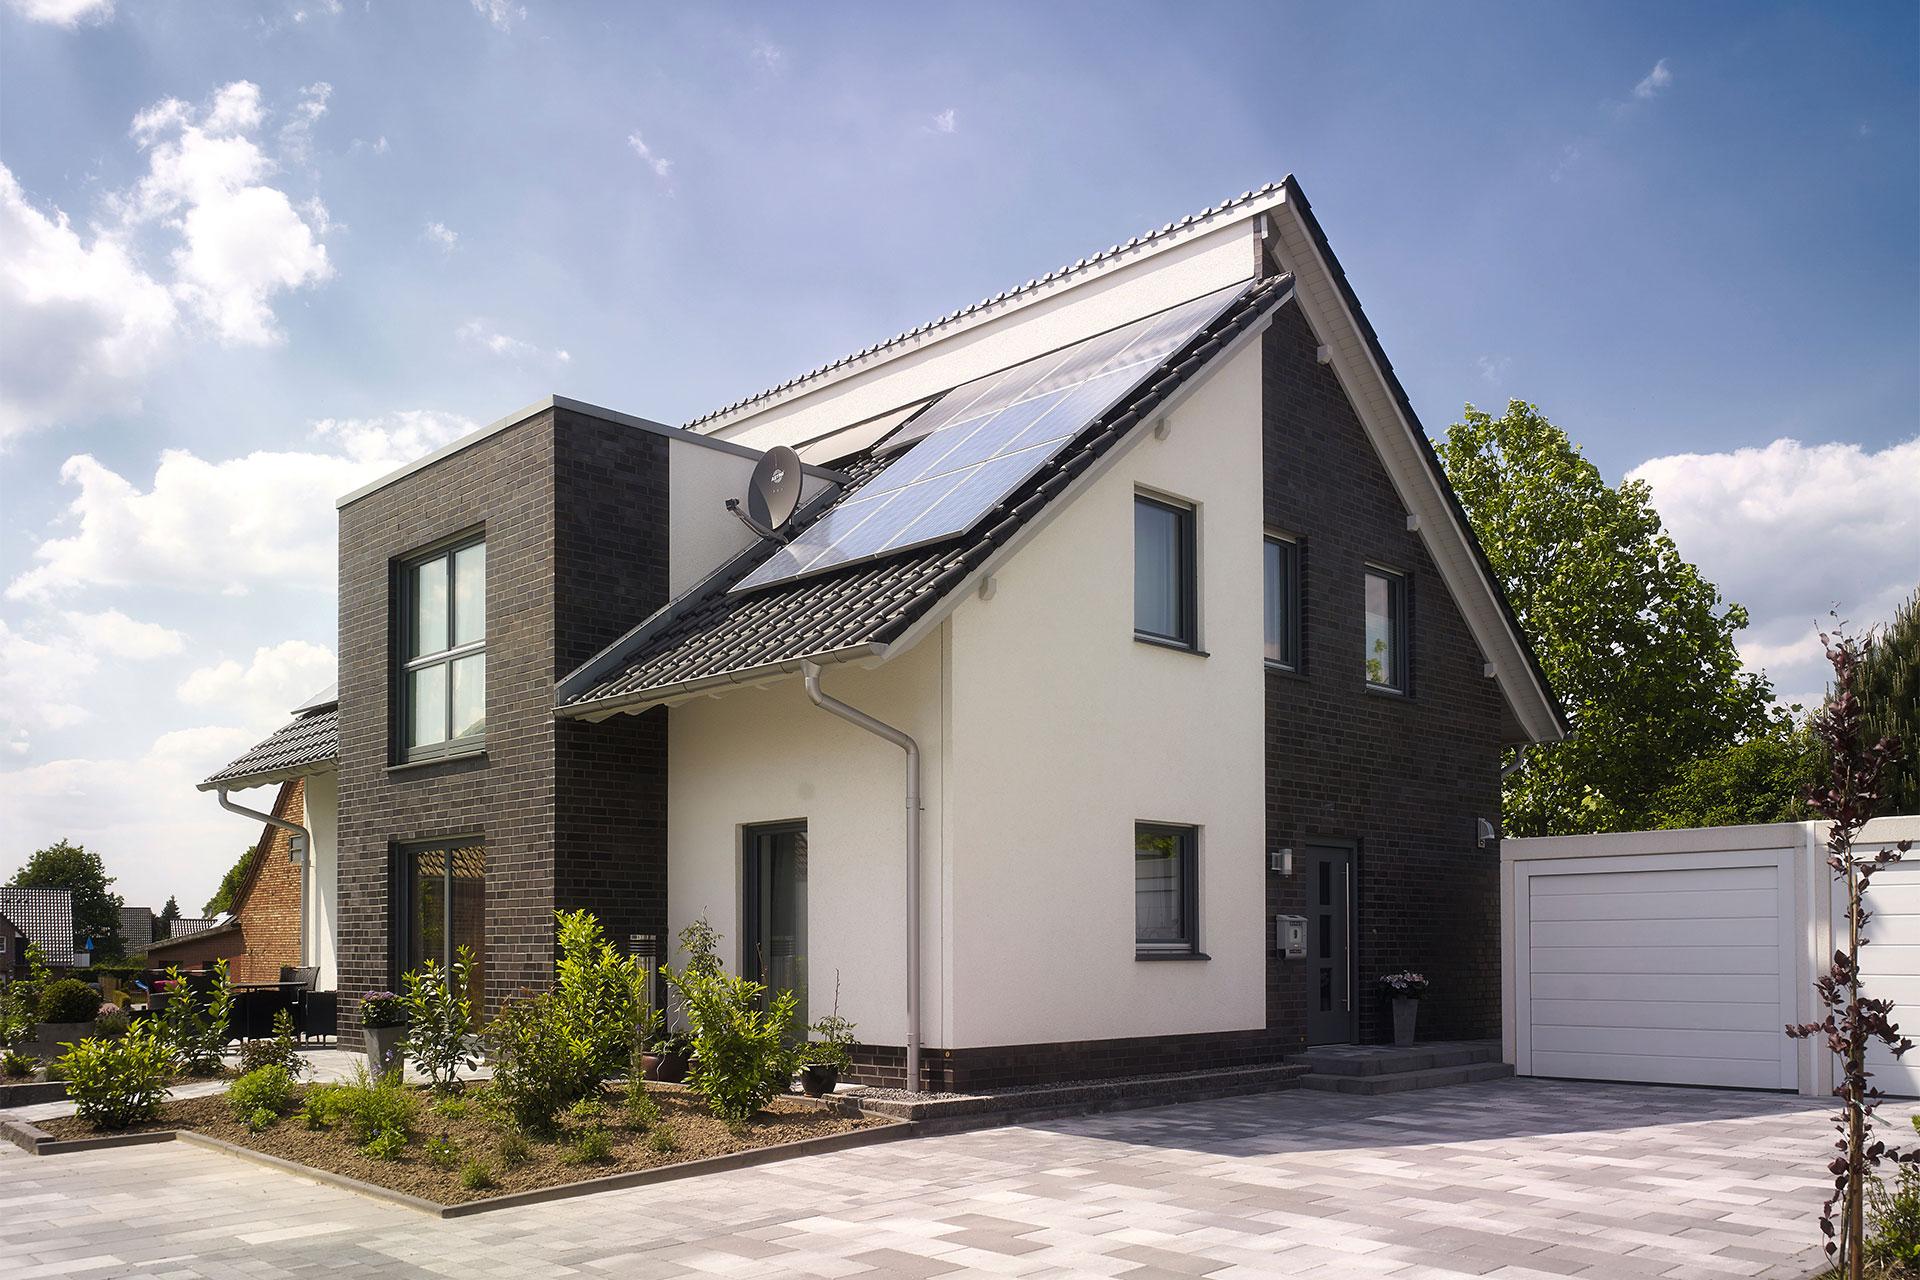 Traumhaus maßgeschneidert & energieeffizient - Mooswald - Ein ...